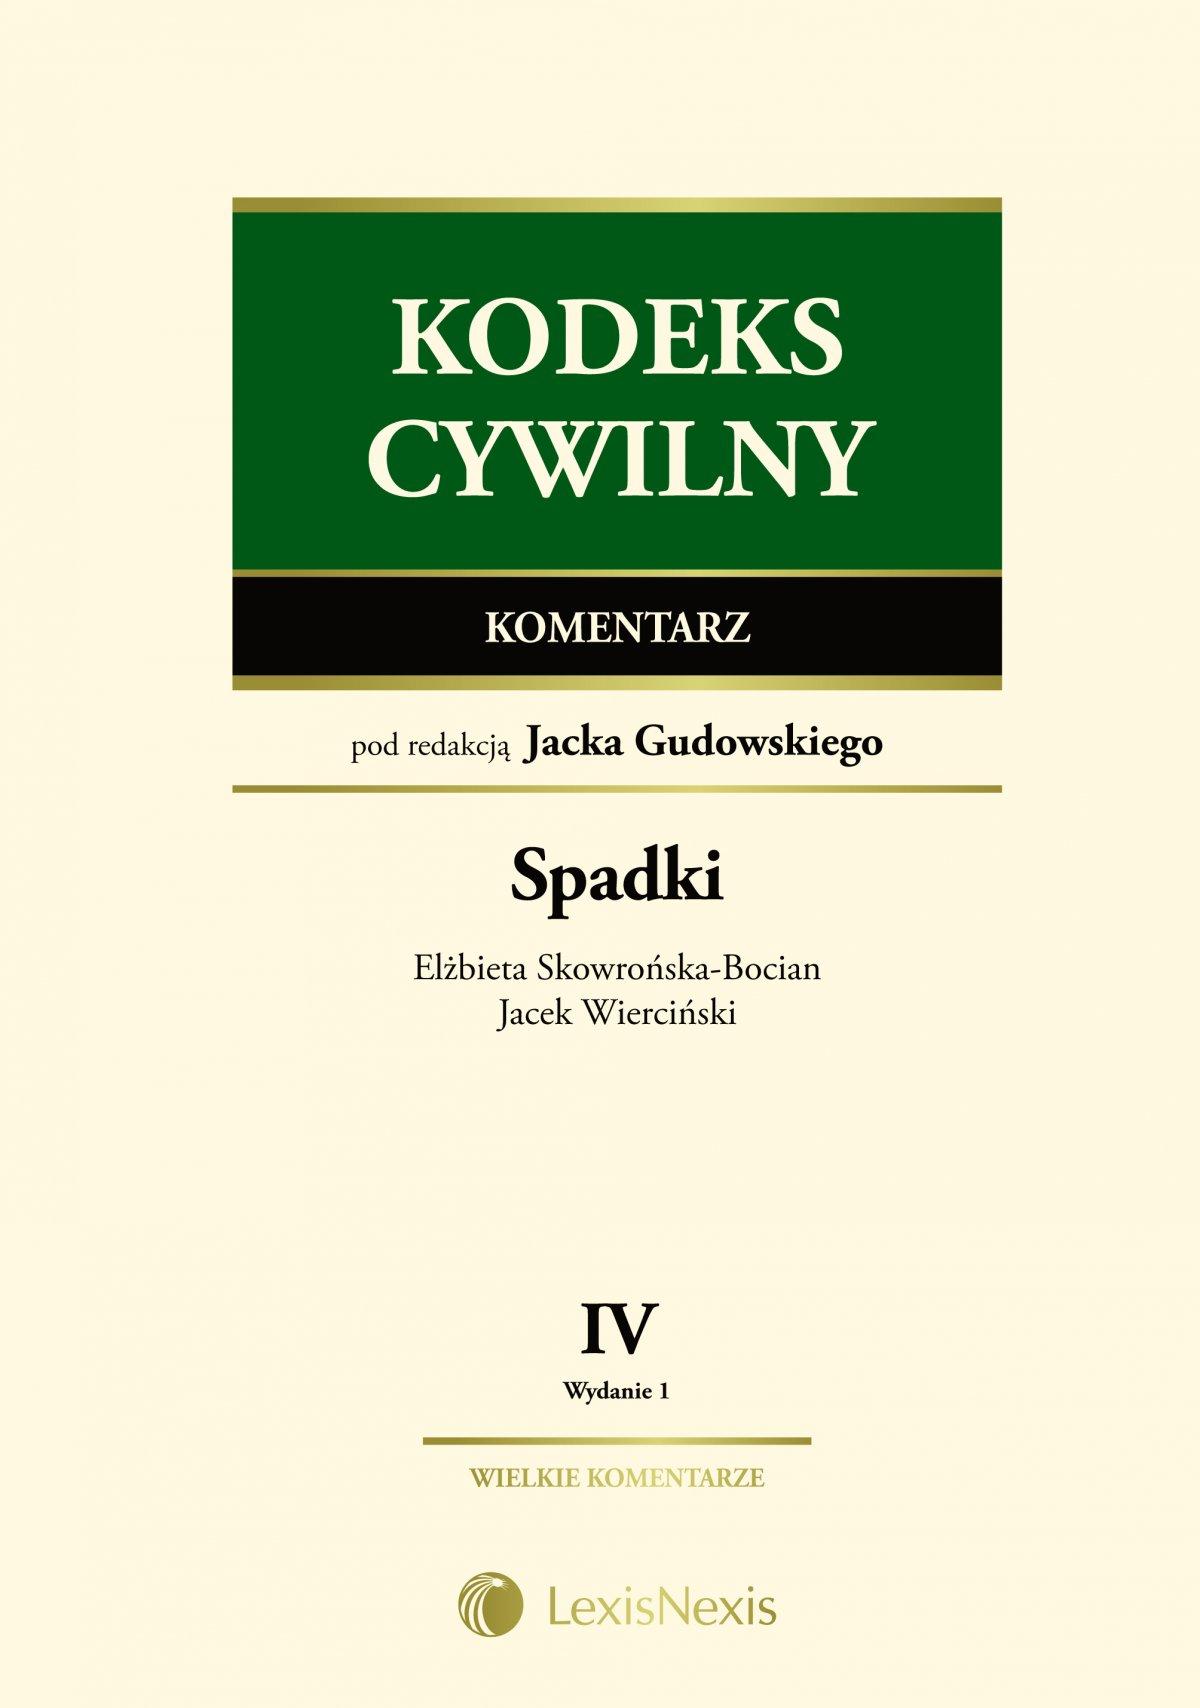 Kodeks cywilny. Komentarz. Spadki - Ebook (Książka EPUB) do pobrania w formacie EPUB